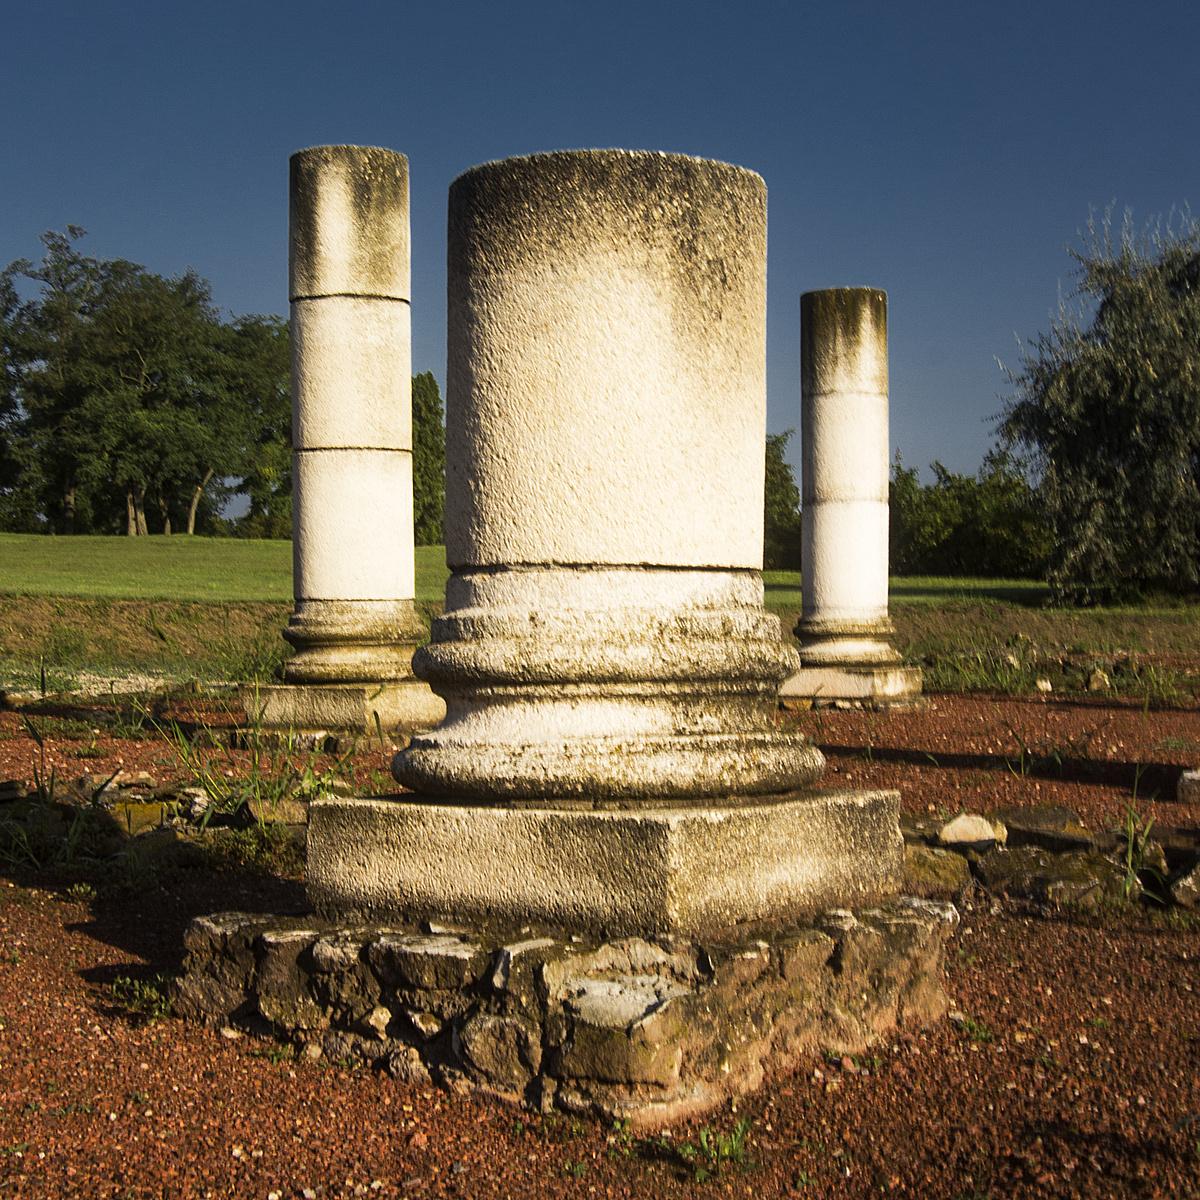 Gorsiumi régészeti park (11)